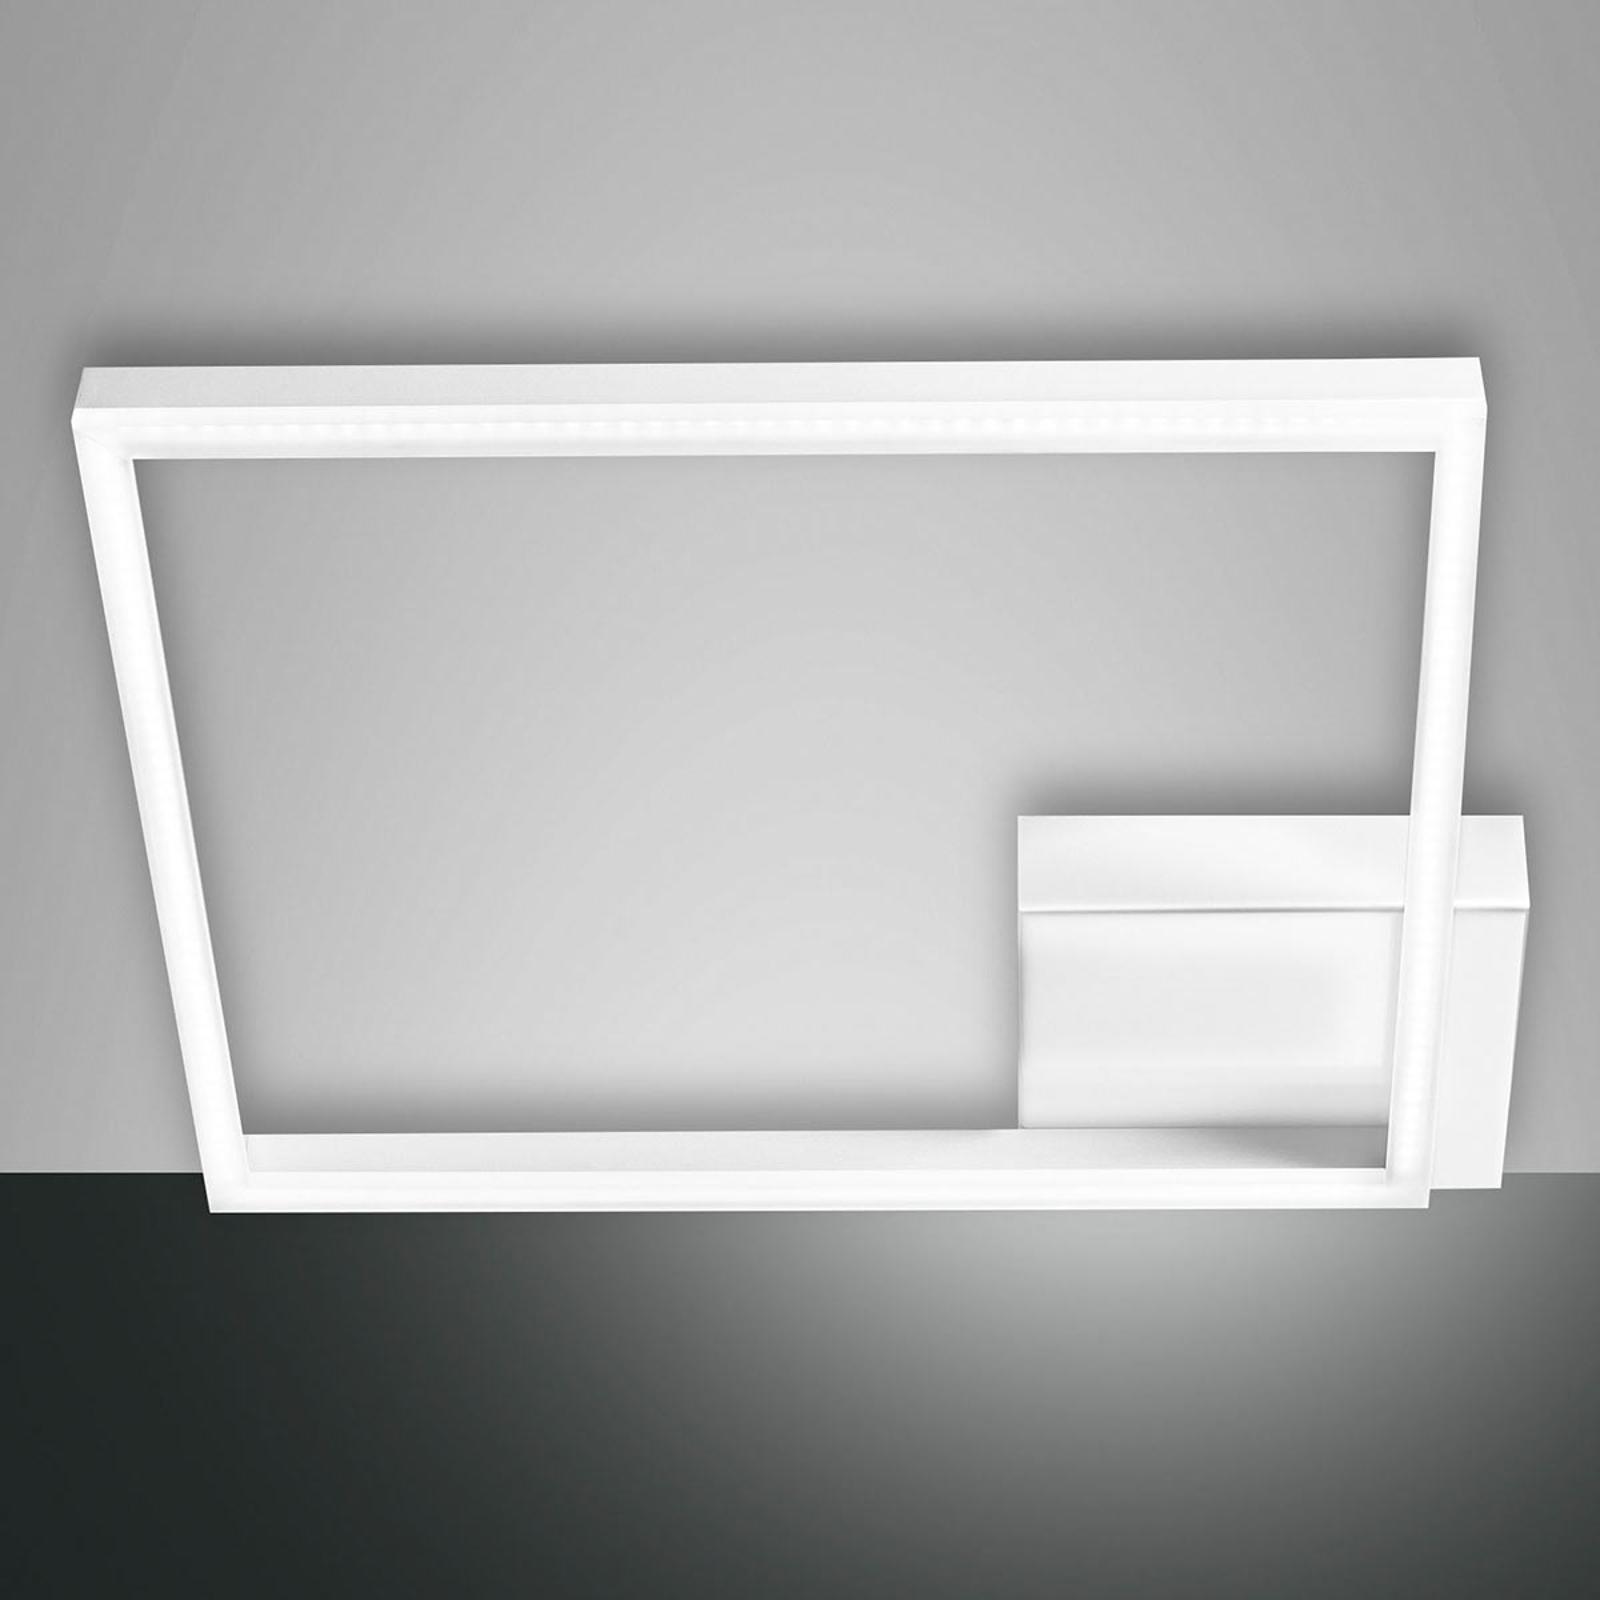 Plafonnier LED carré Bard à 1 lampe